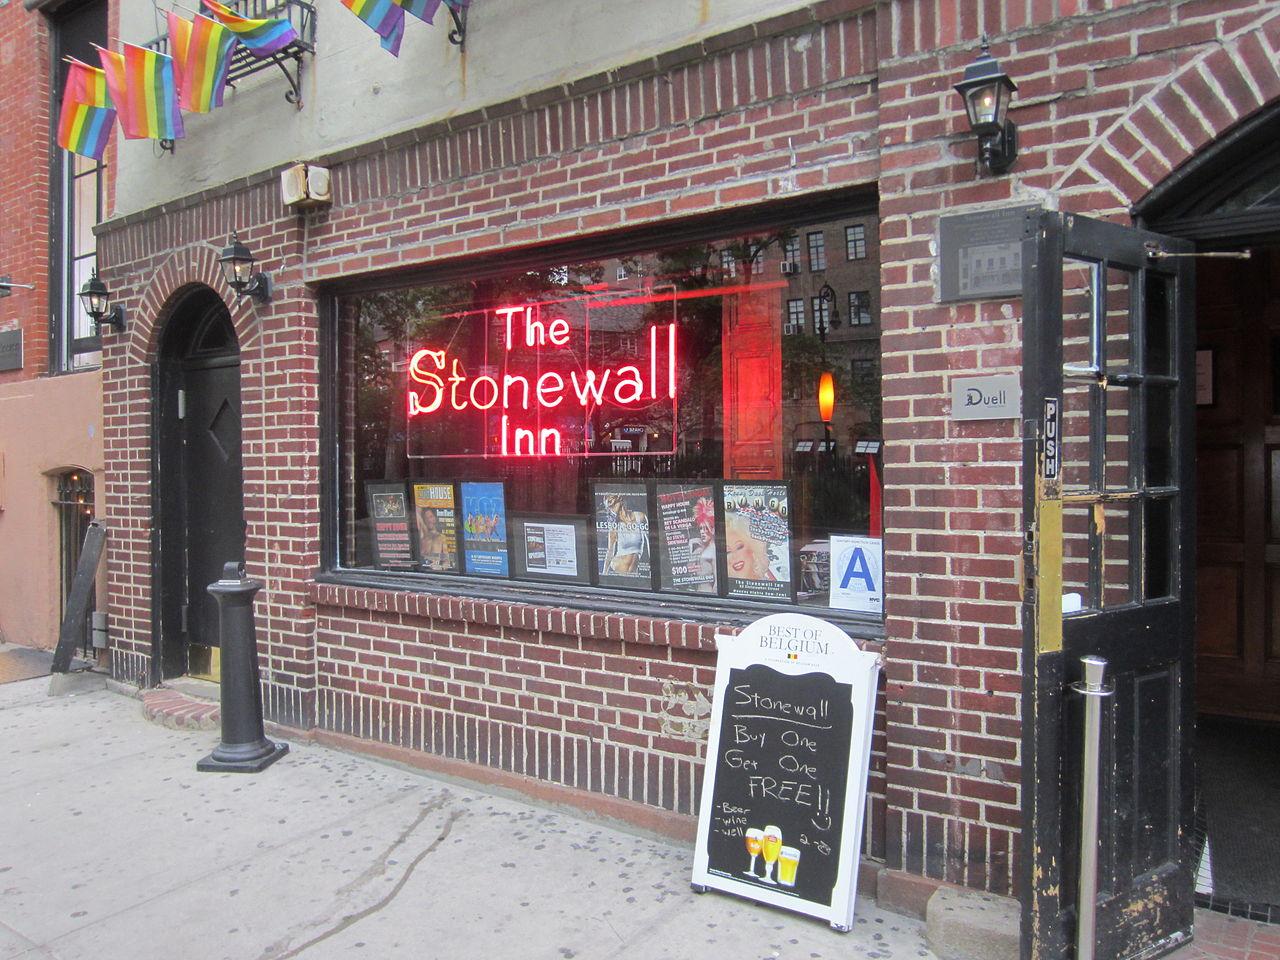 Stonewall Inn, LGBTQ, historic monuments